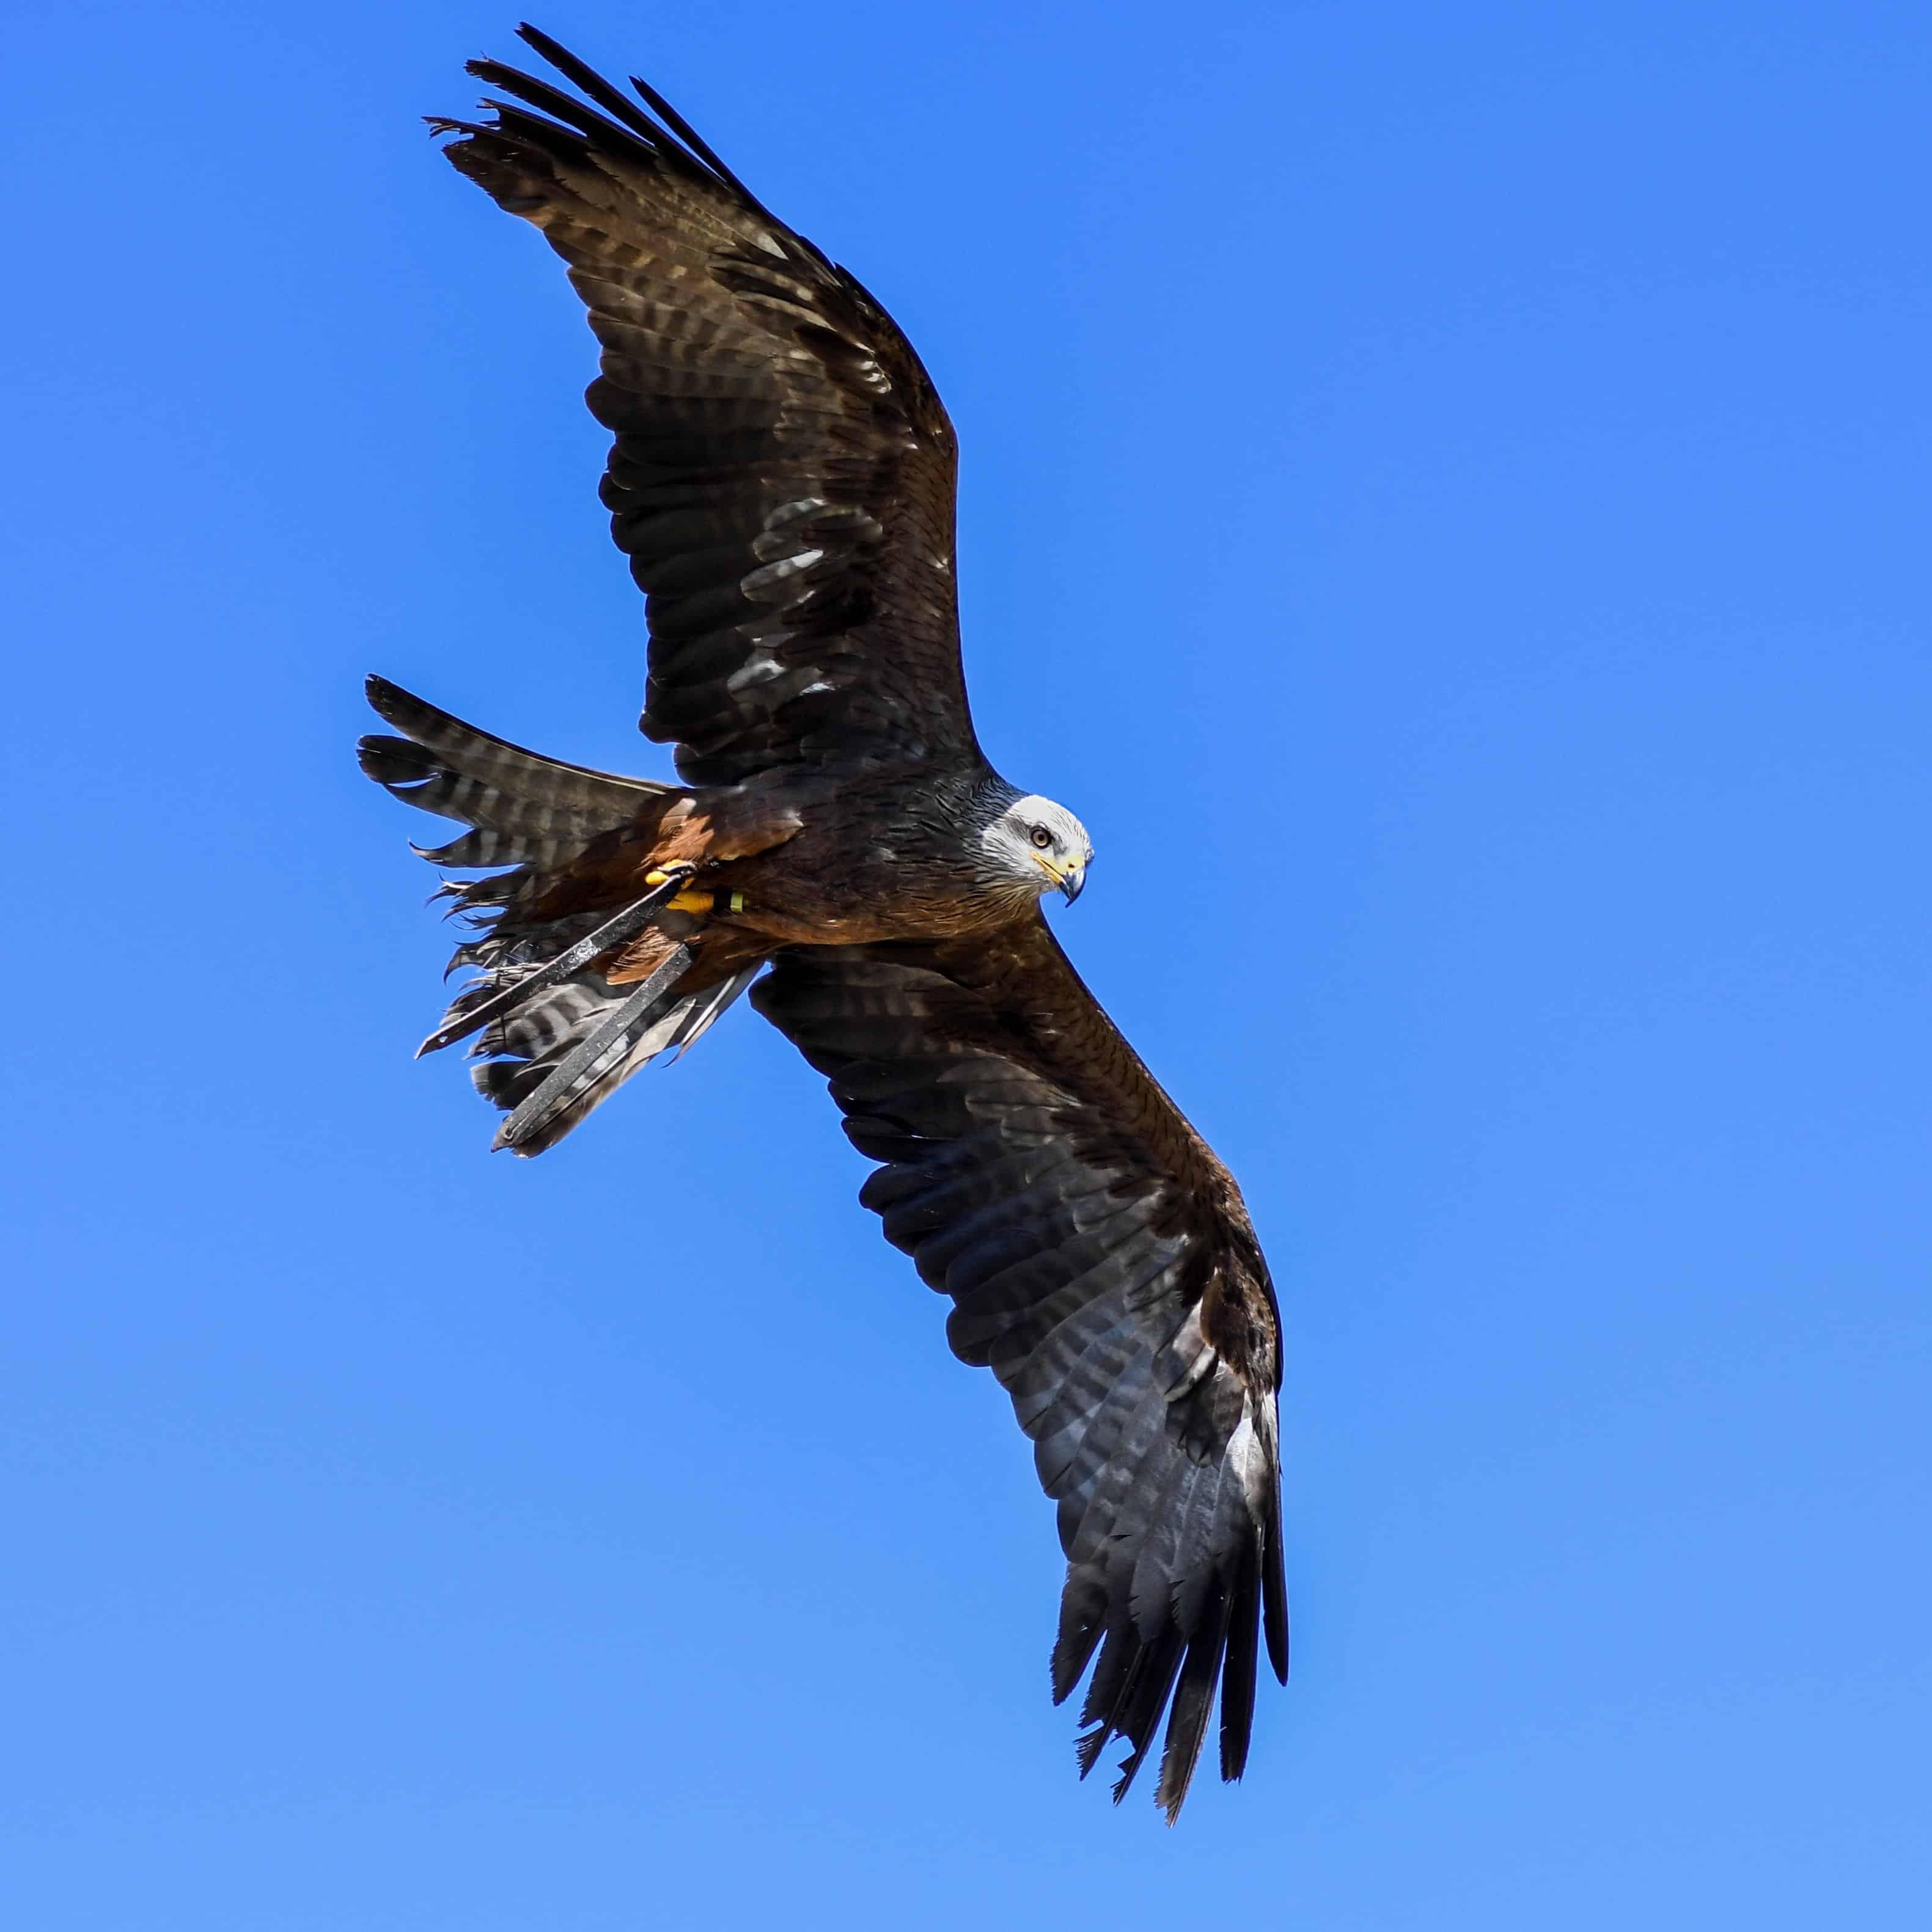 imagem gratuita bico selvagem predador pena céu azul natureza